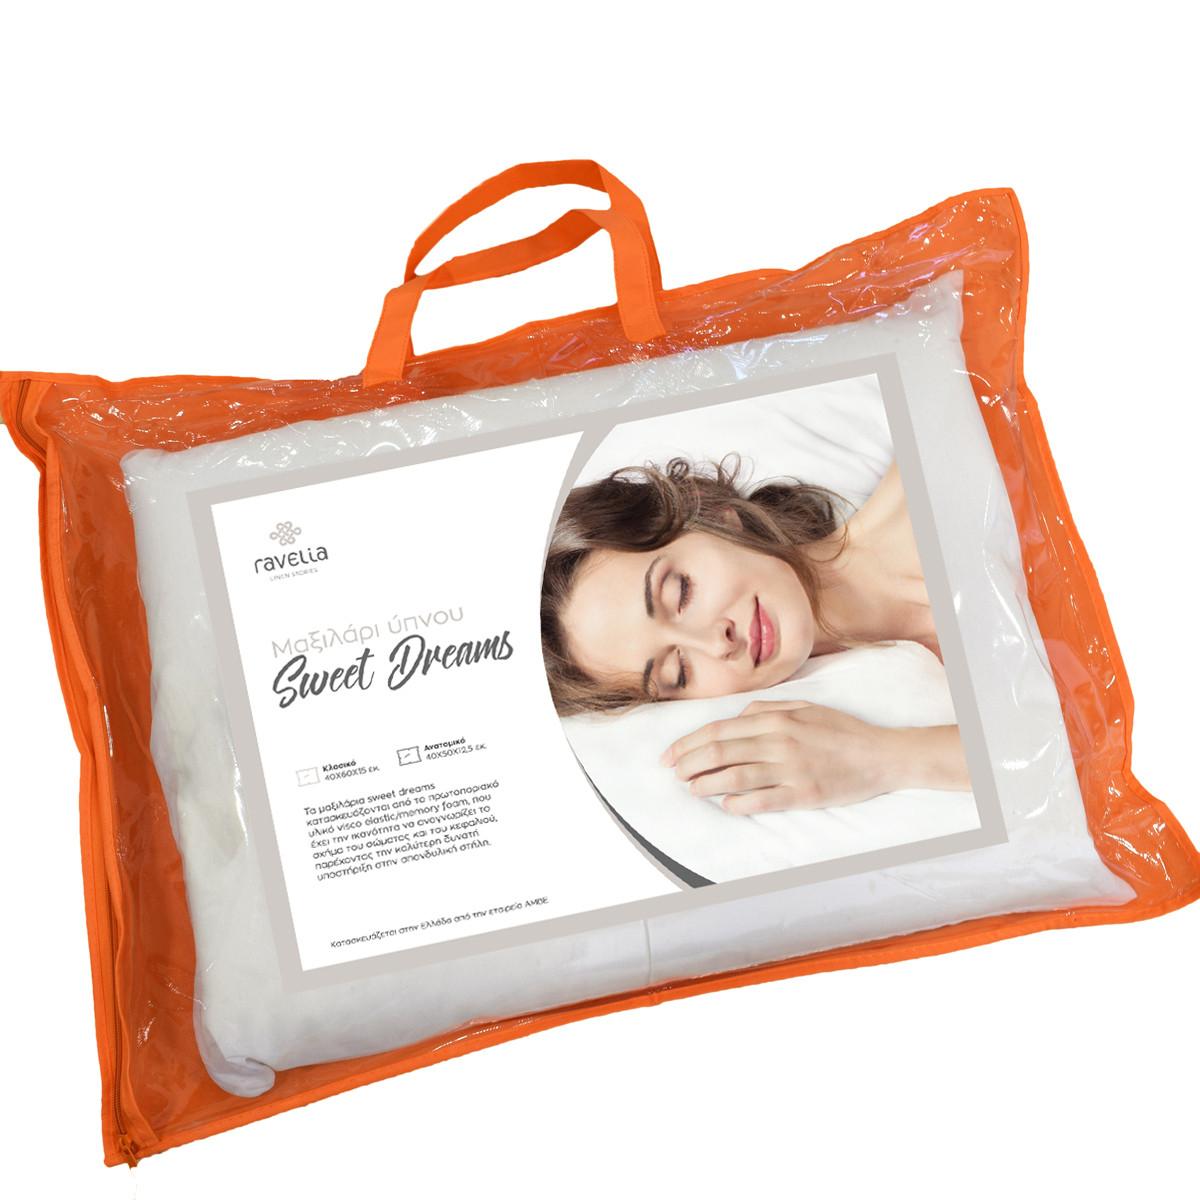 Μαξιλάρι Ύπνου Ανατομικό Ravelia Visco Memory Anatomic